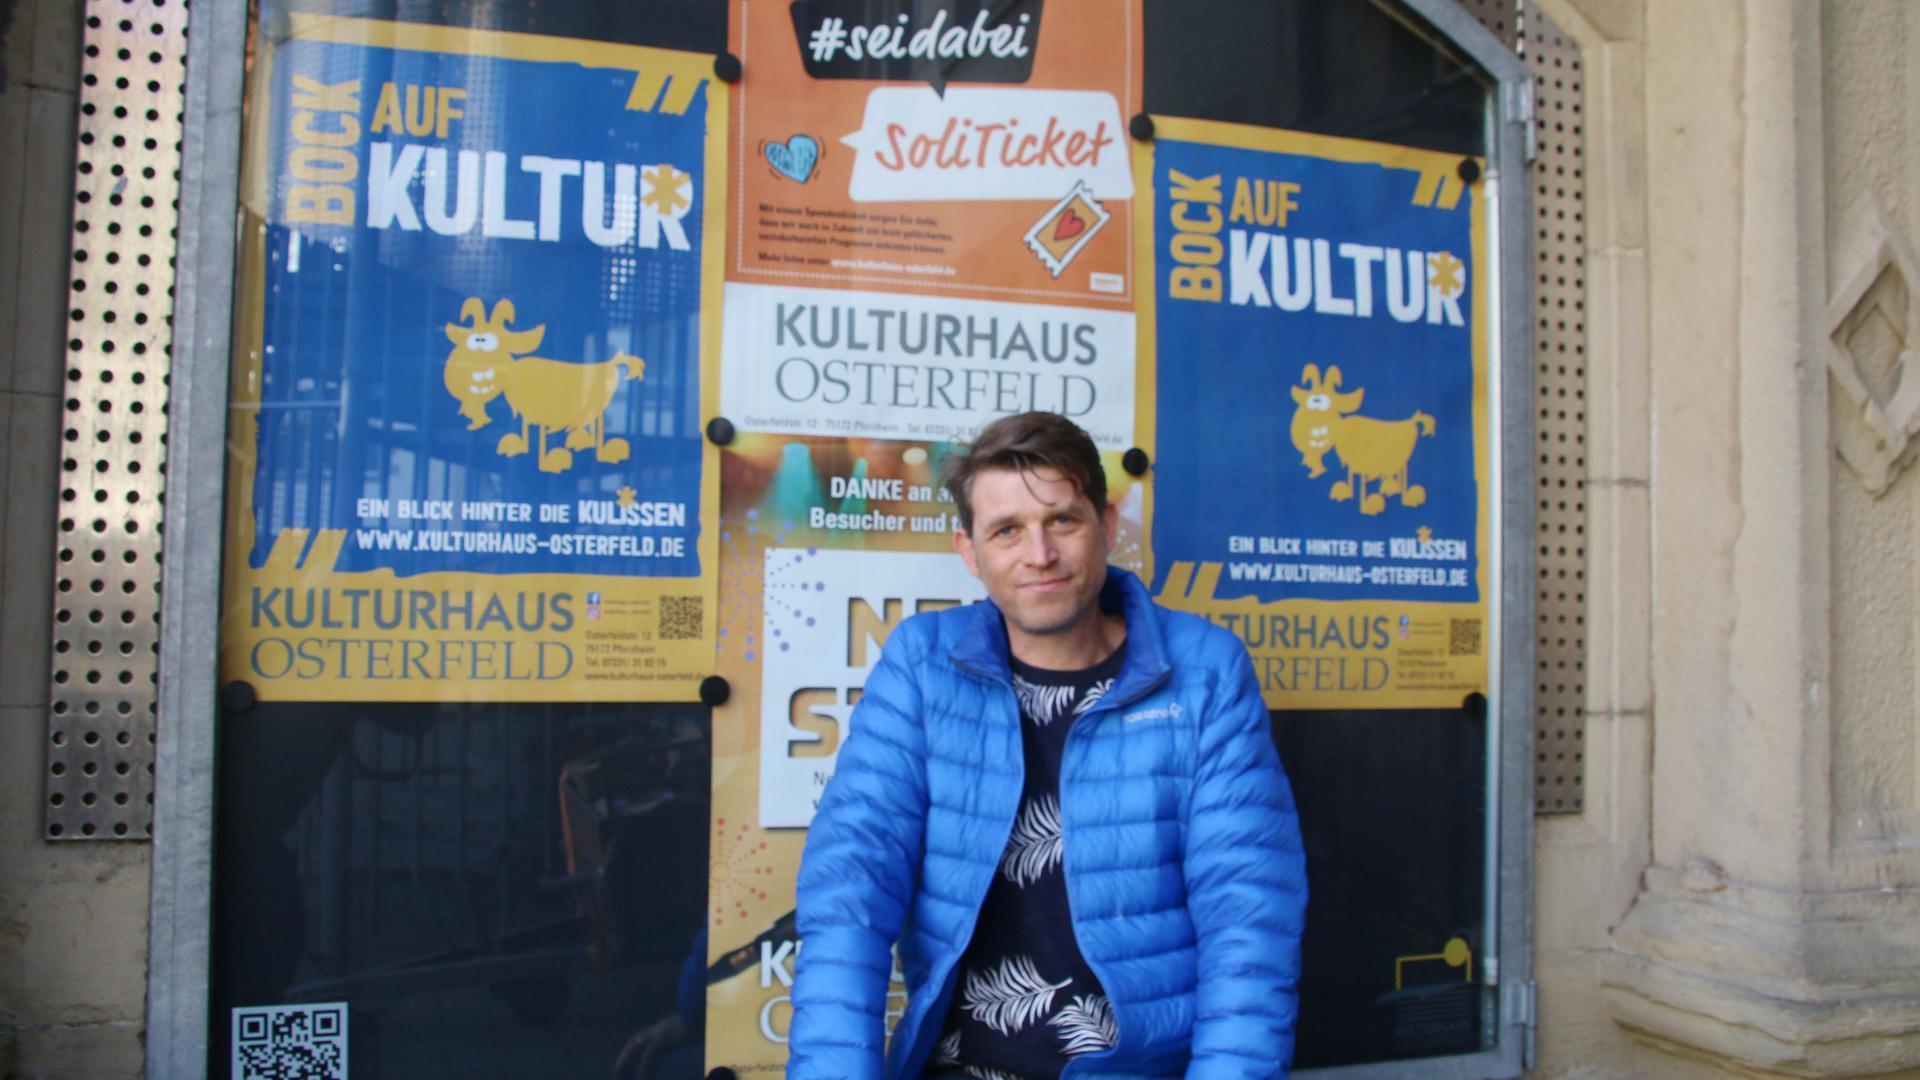 """Ein Mann in blauer Jacke sitzt vor einem schwarzen Brett, auf dem Werbeposter mit den Slogans """"Bock auf Kultur"""" zu sehen sind. Bei dem Mann handelt es sich um den neuen Leiter des Kulturhauses Osterfeld Bart Dewijze."""